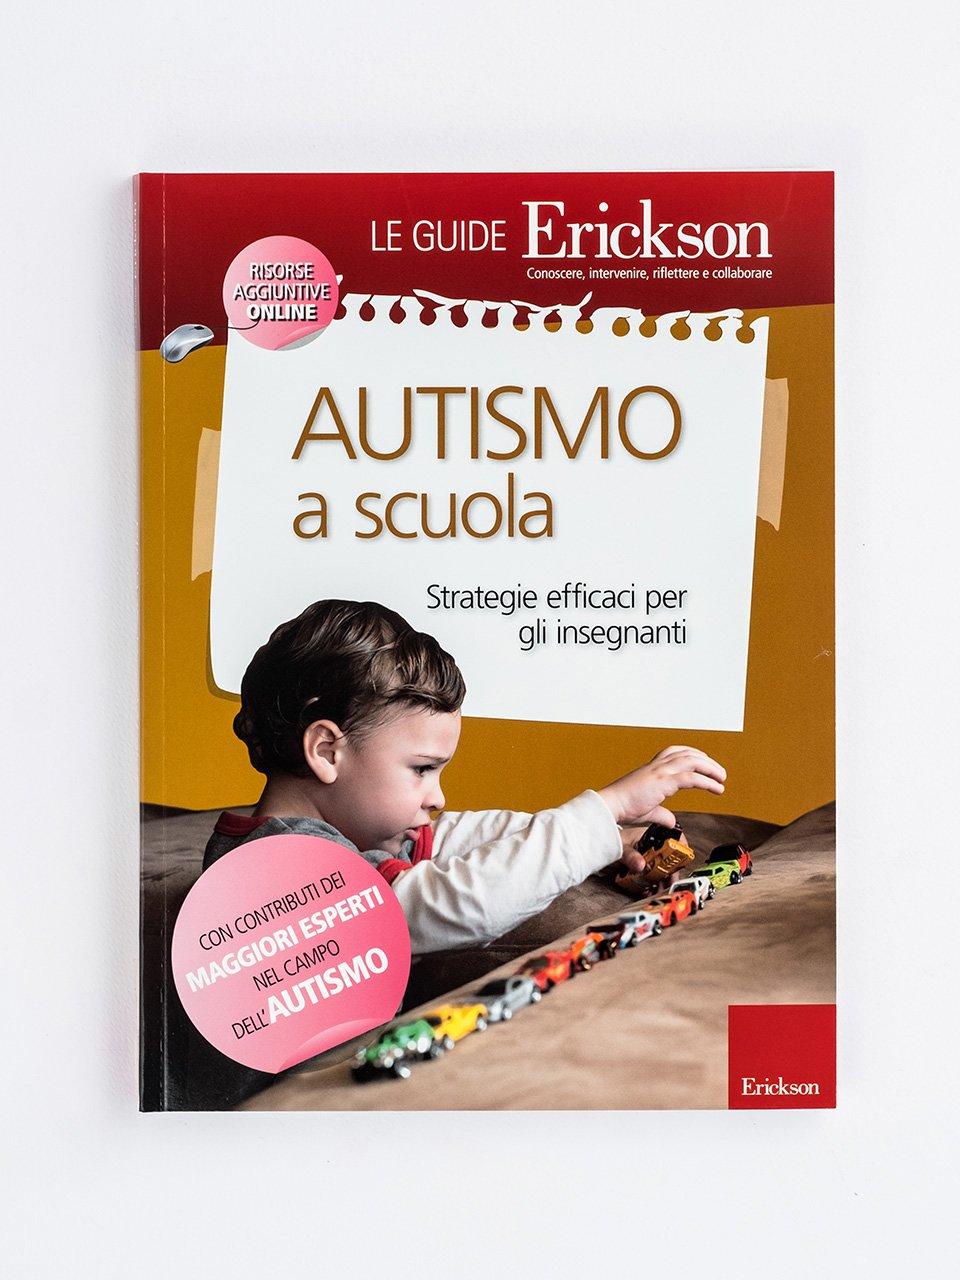 Autismo a scuola - Il disturbo da accumulo e la sua valutazione - Libri - Erickson